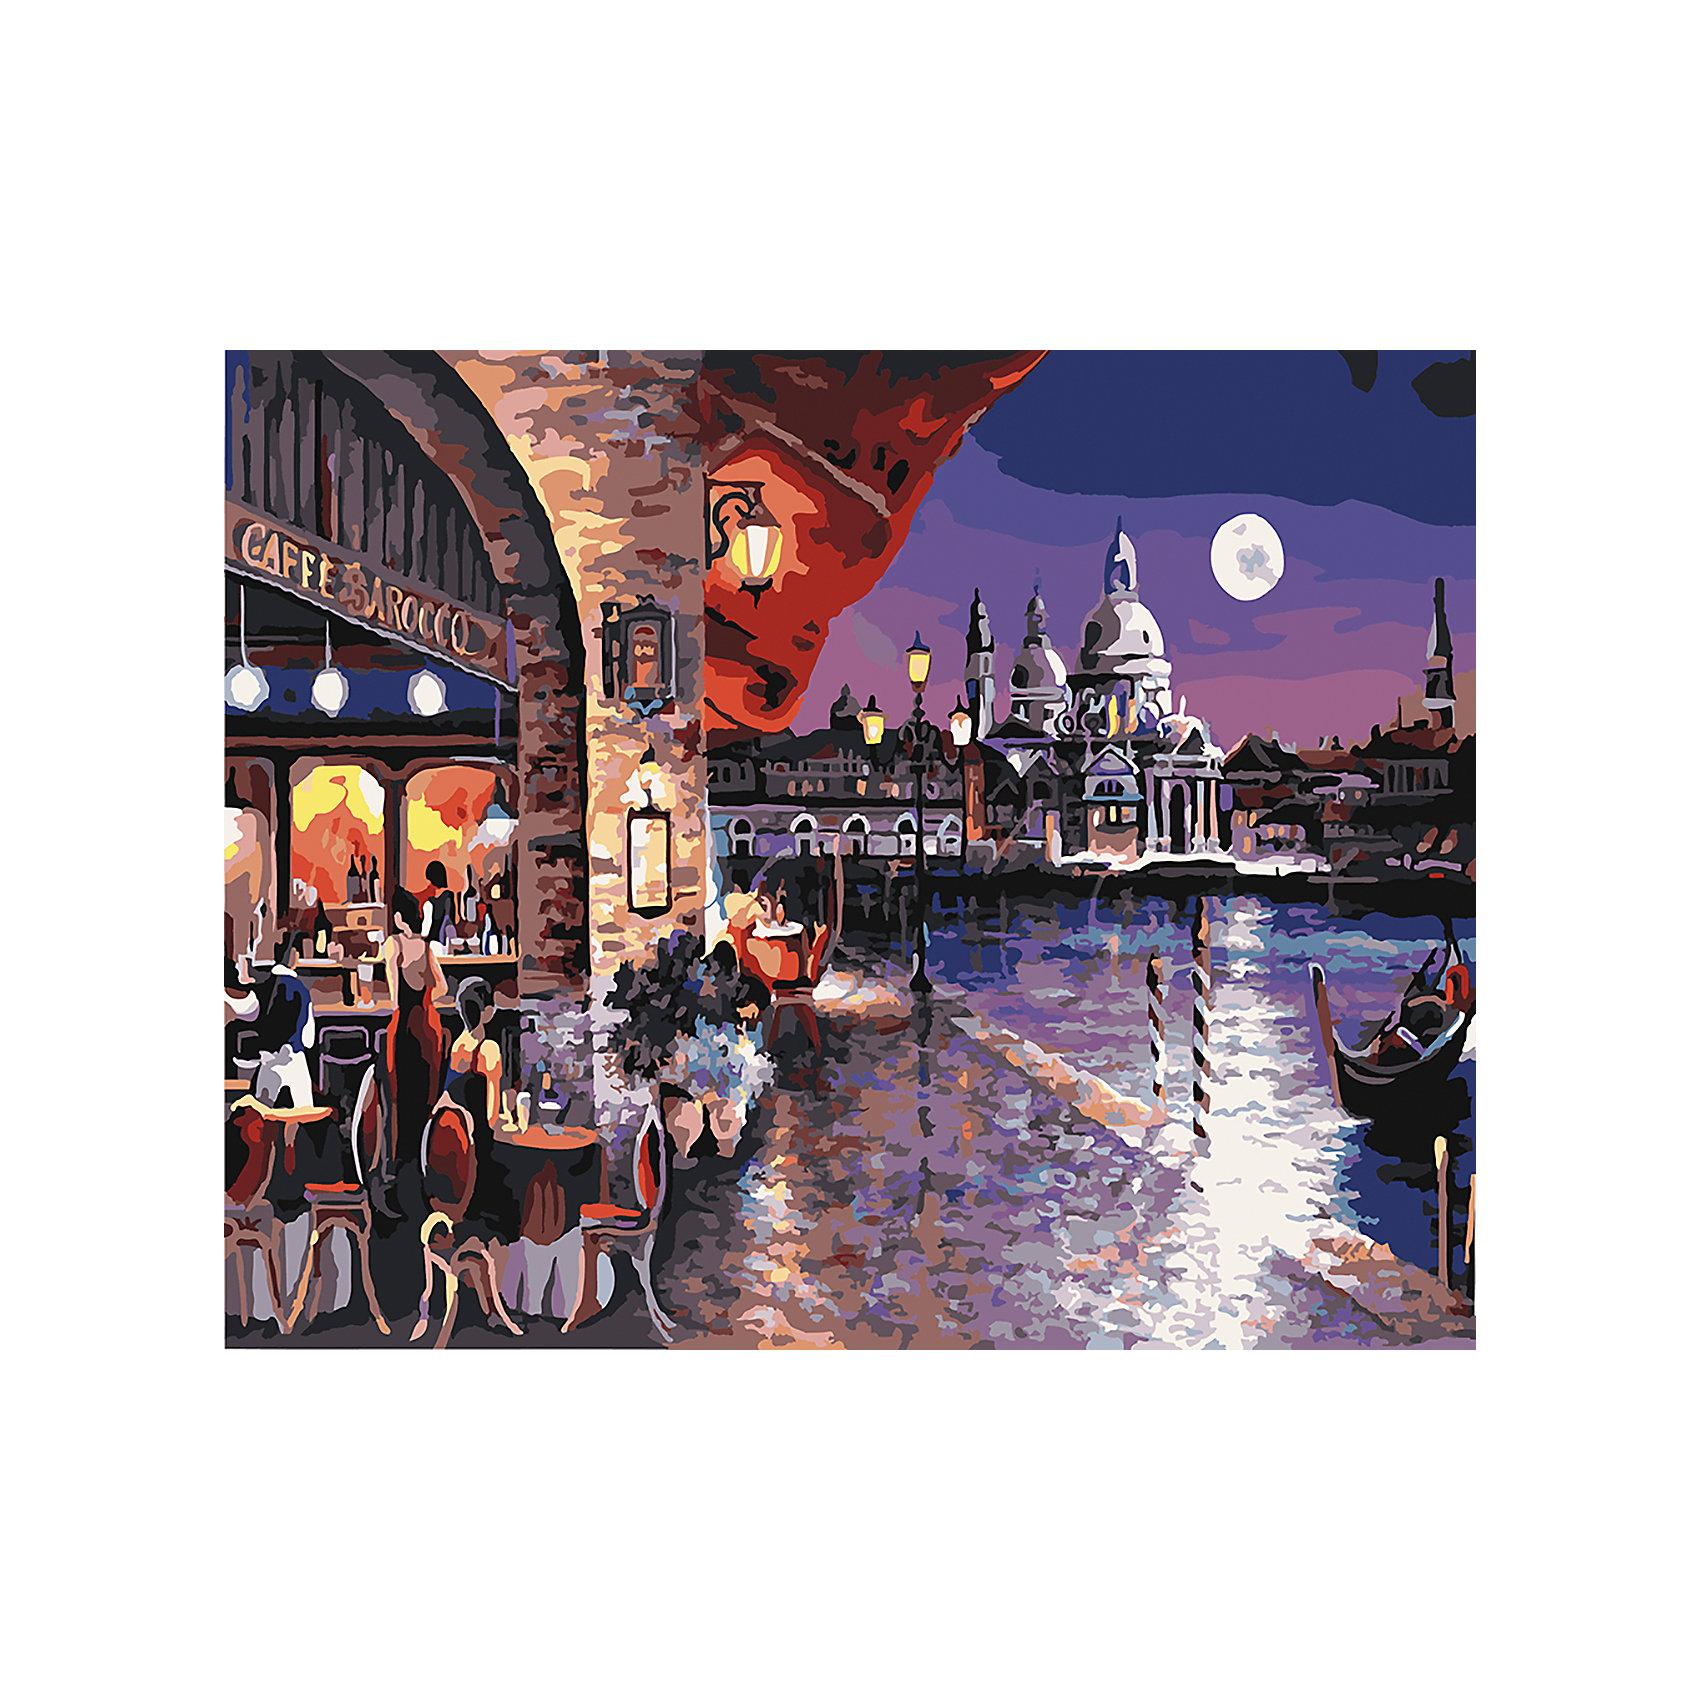 TUKZAR Роспись по номерам Вечерняя набережная 40*50 см наборы для рисования цветной картины по номерам вечерняя набережная